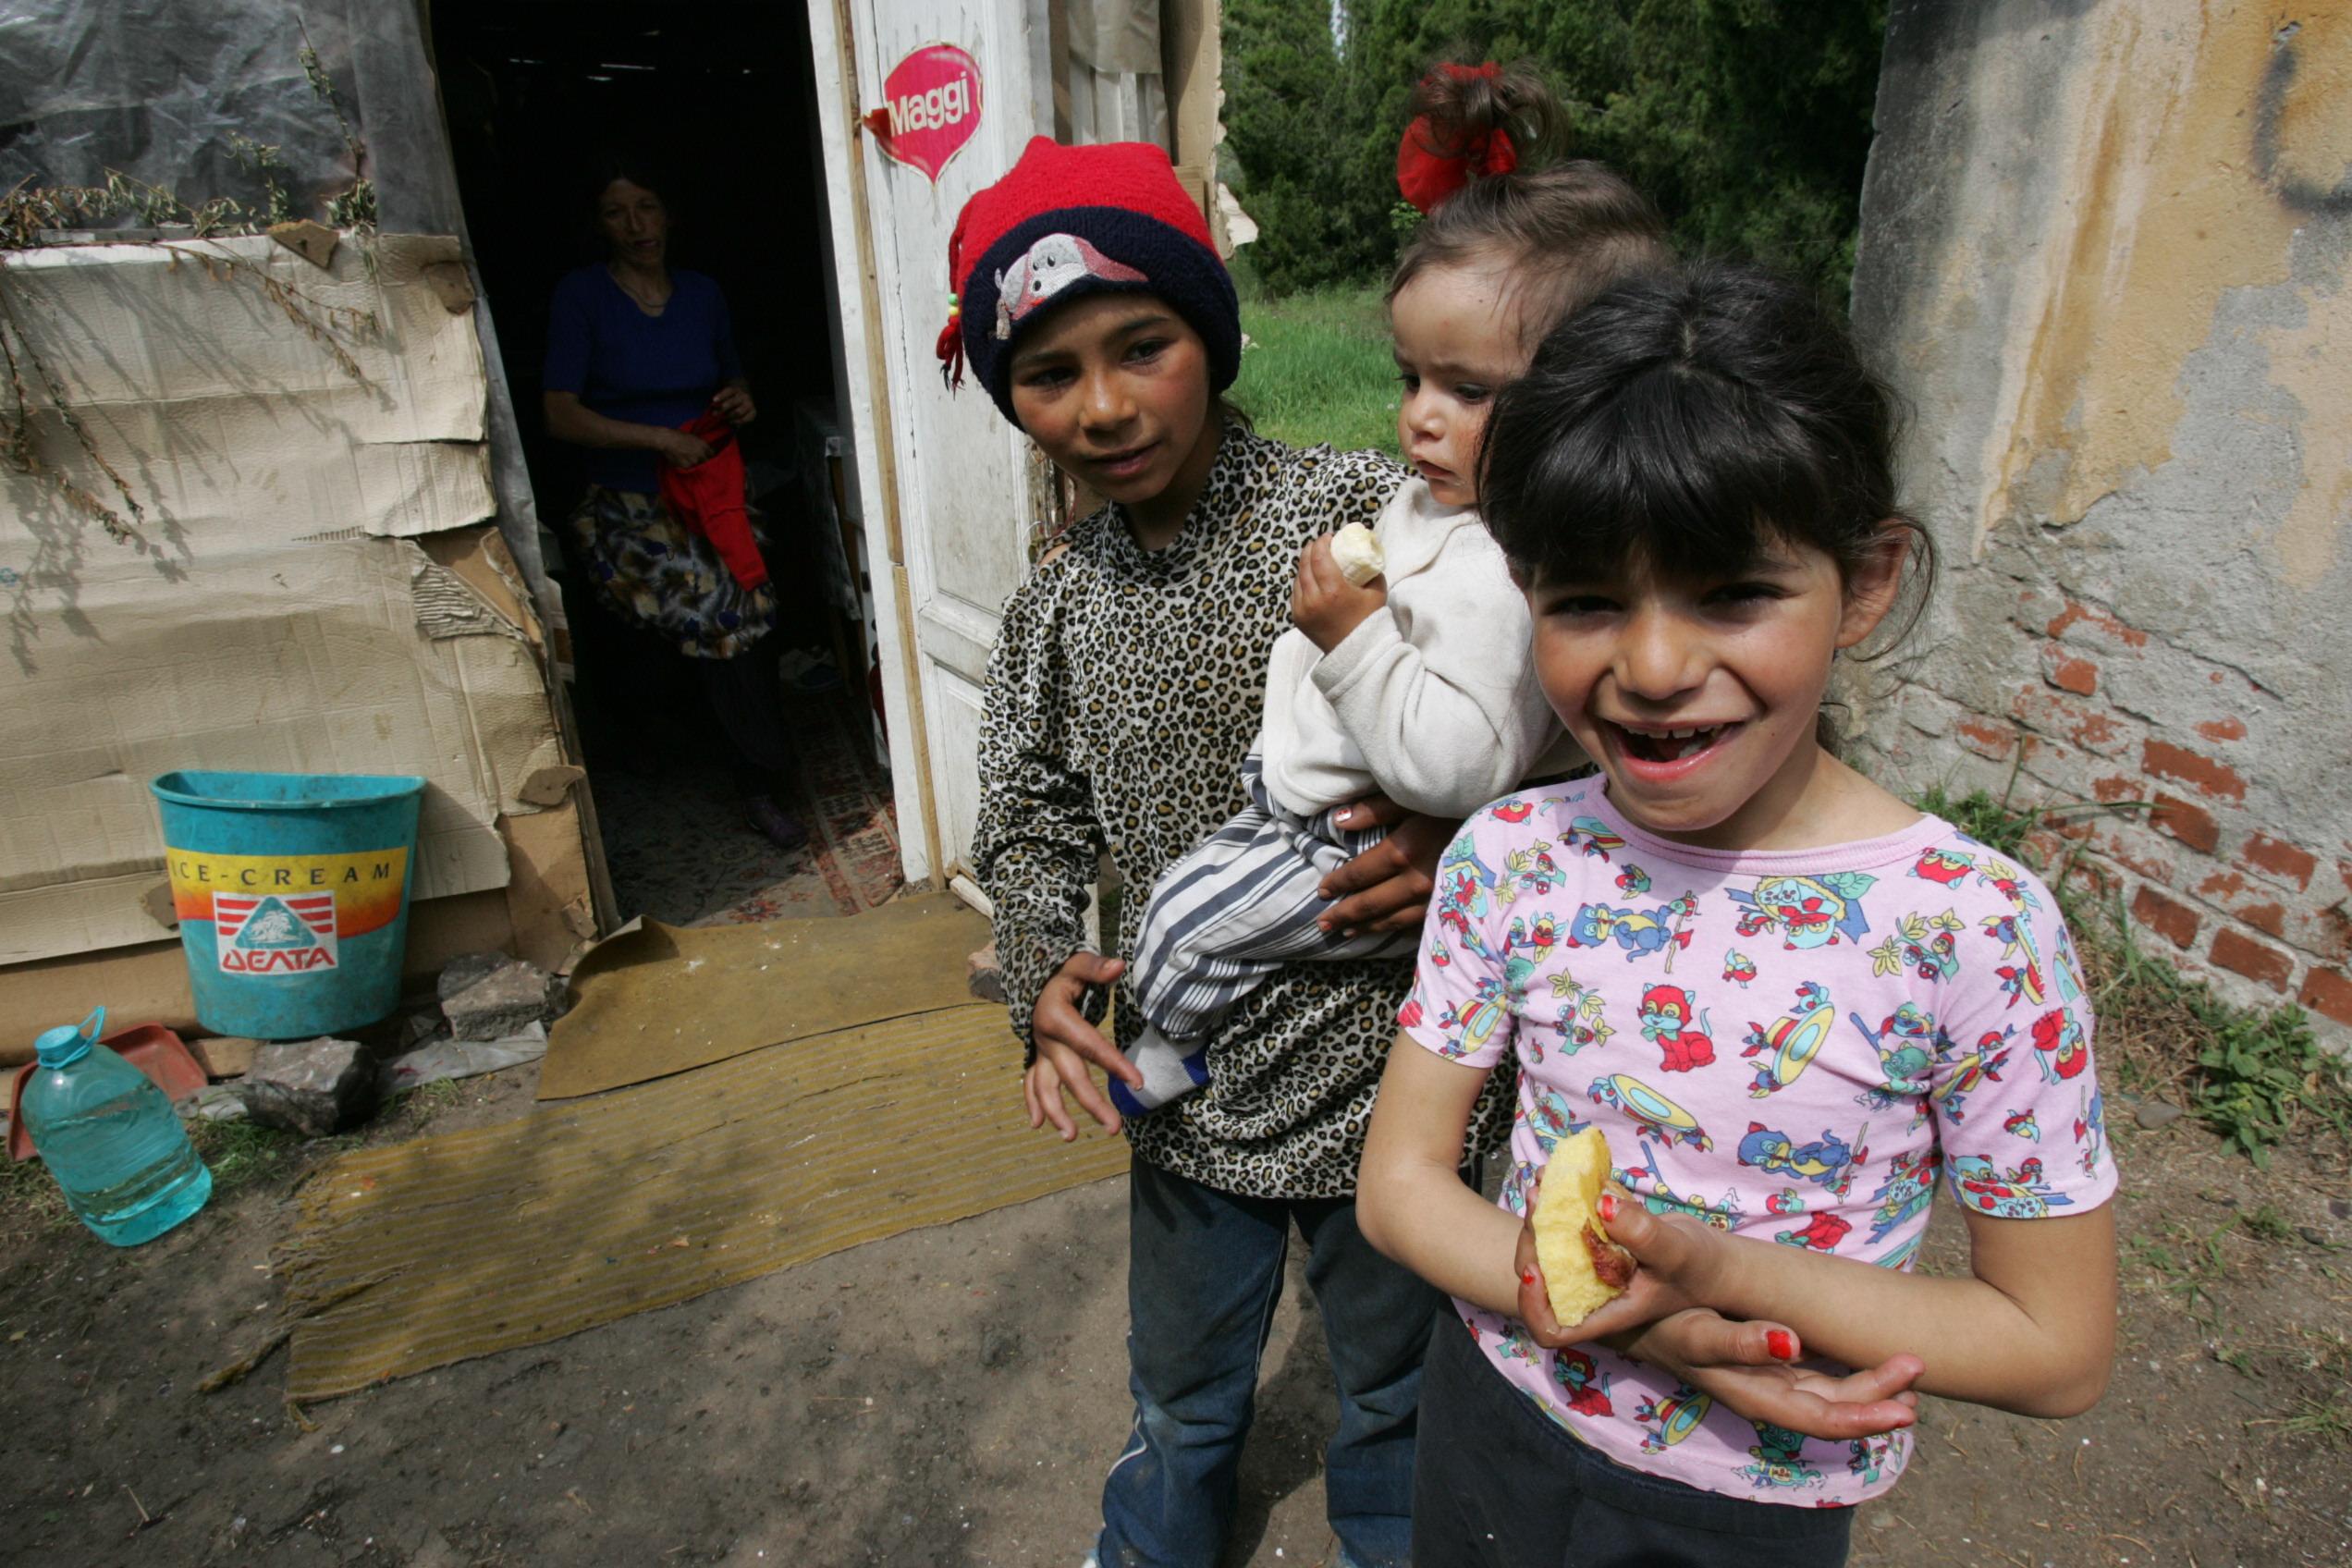 Statistici cutremurătoare de la UNICEF: Jumătate dintre copiii români de abia supraviețuiesc